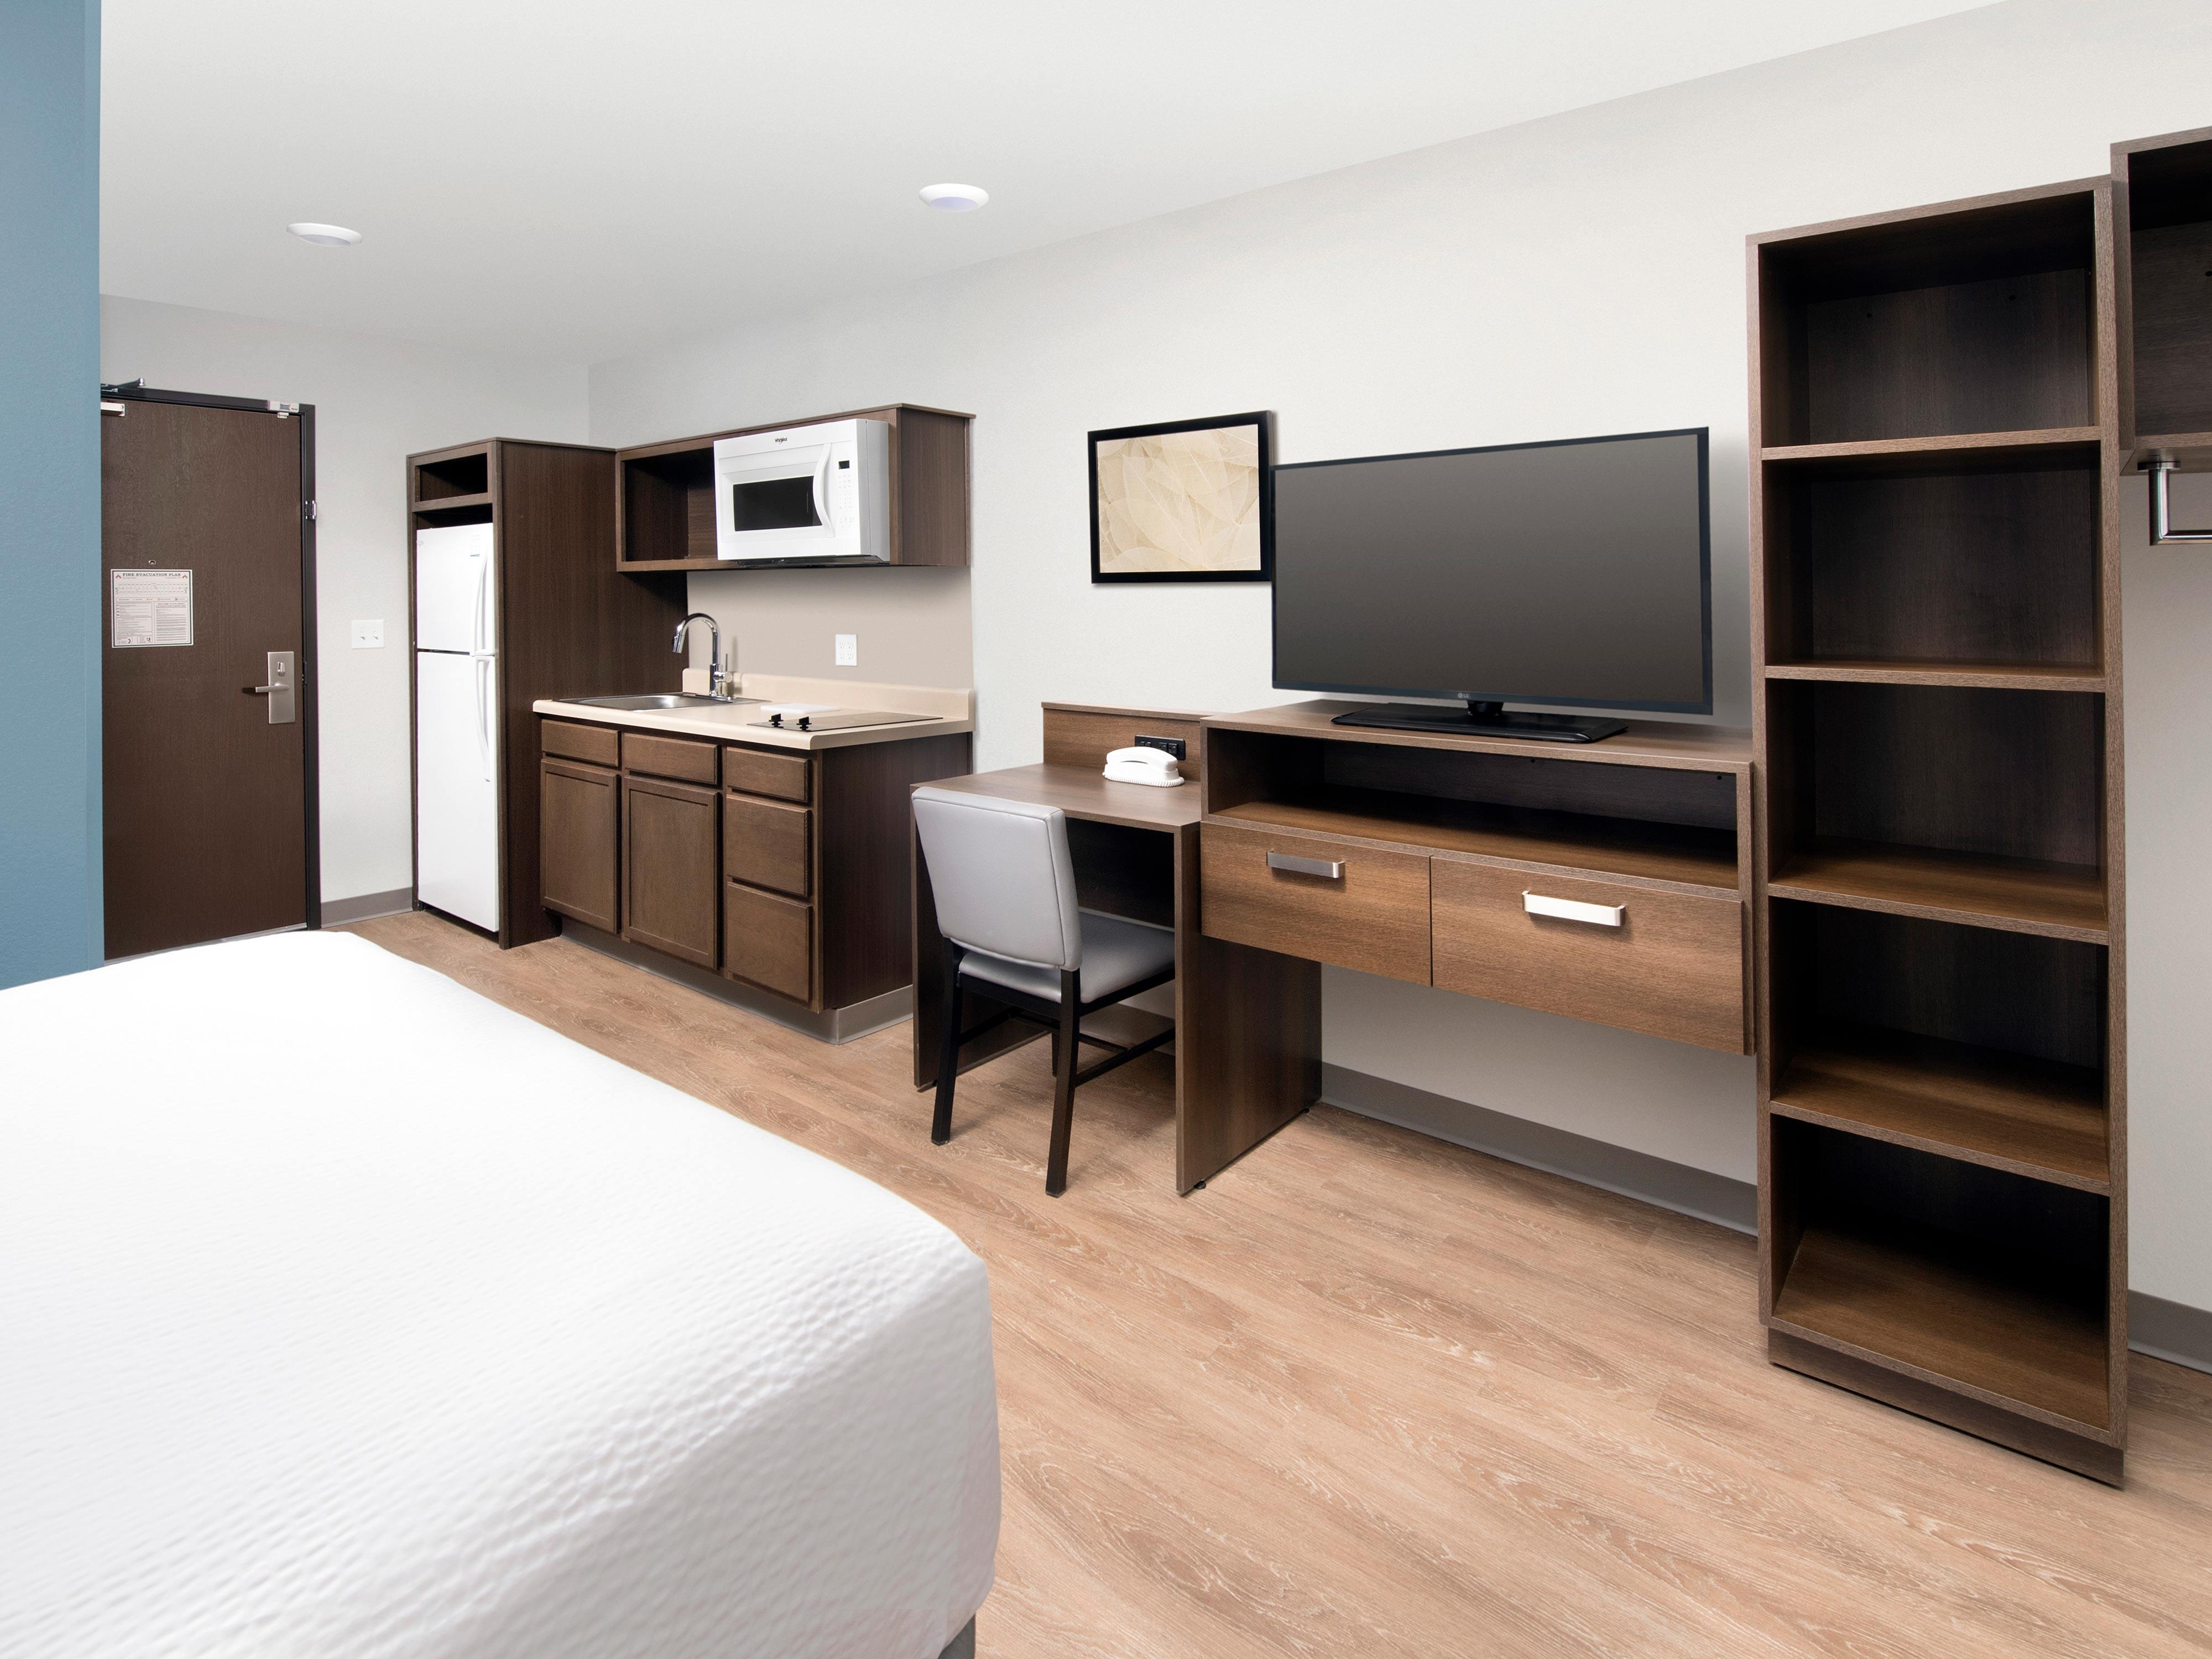 WoodSpring Suites Denver Centennial image 13